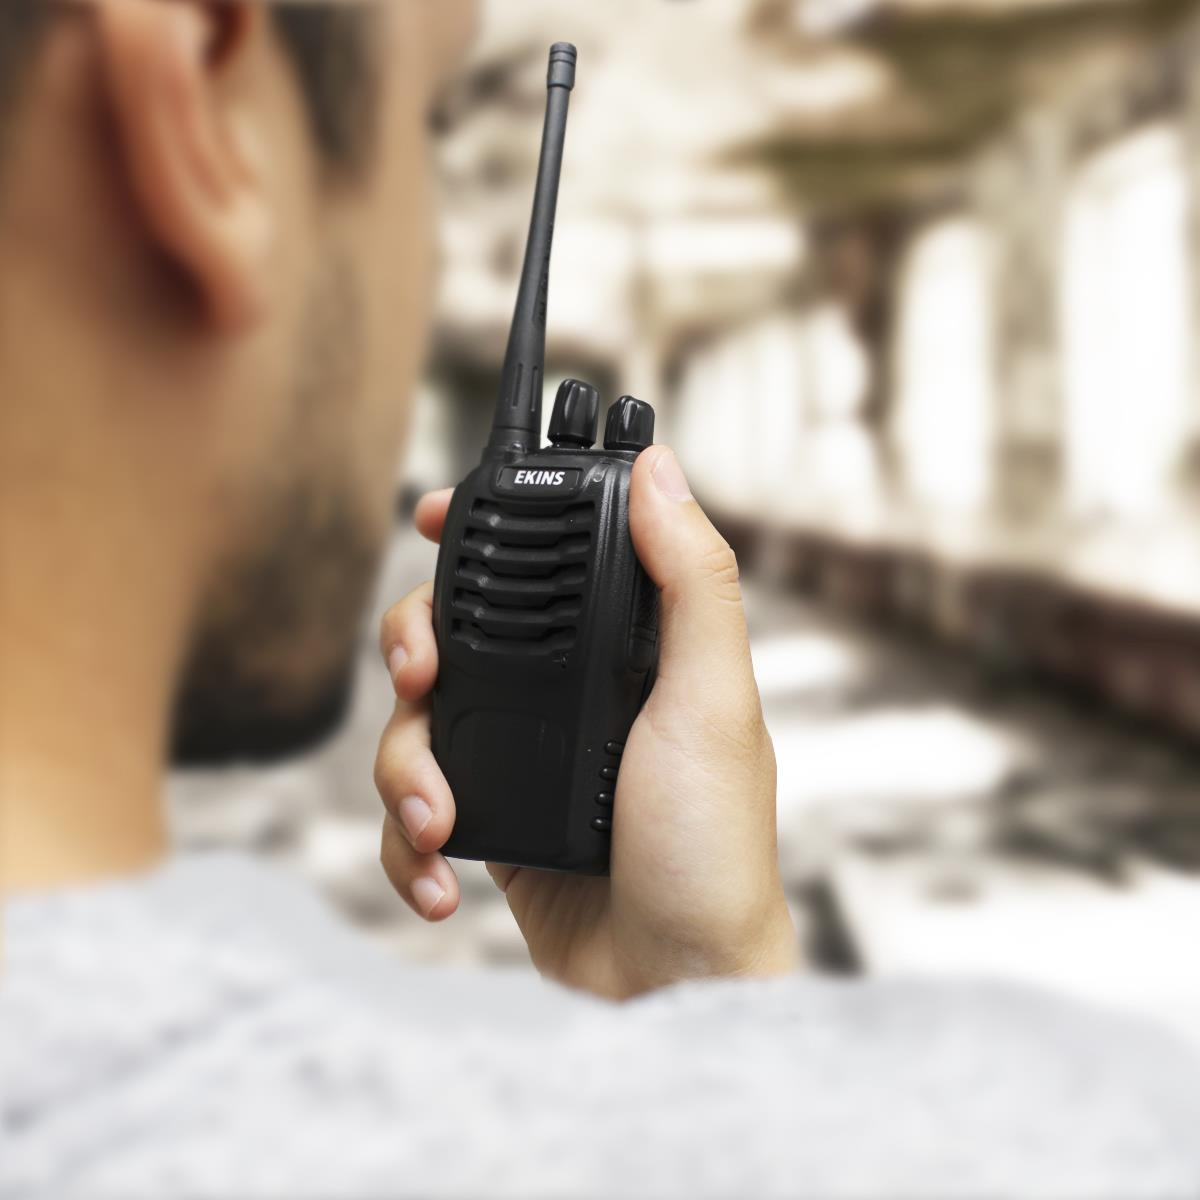 o melhor rádio comunicador deve ter bom sinal